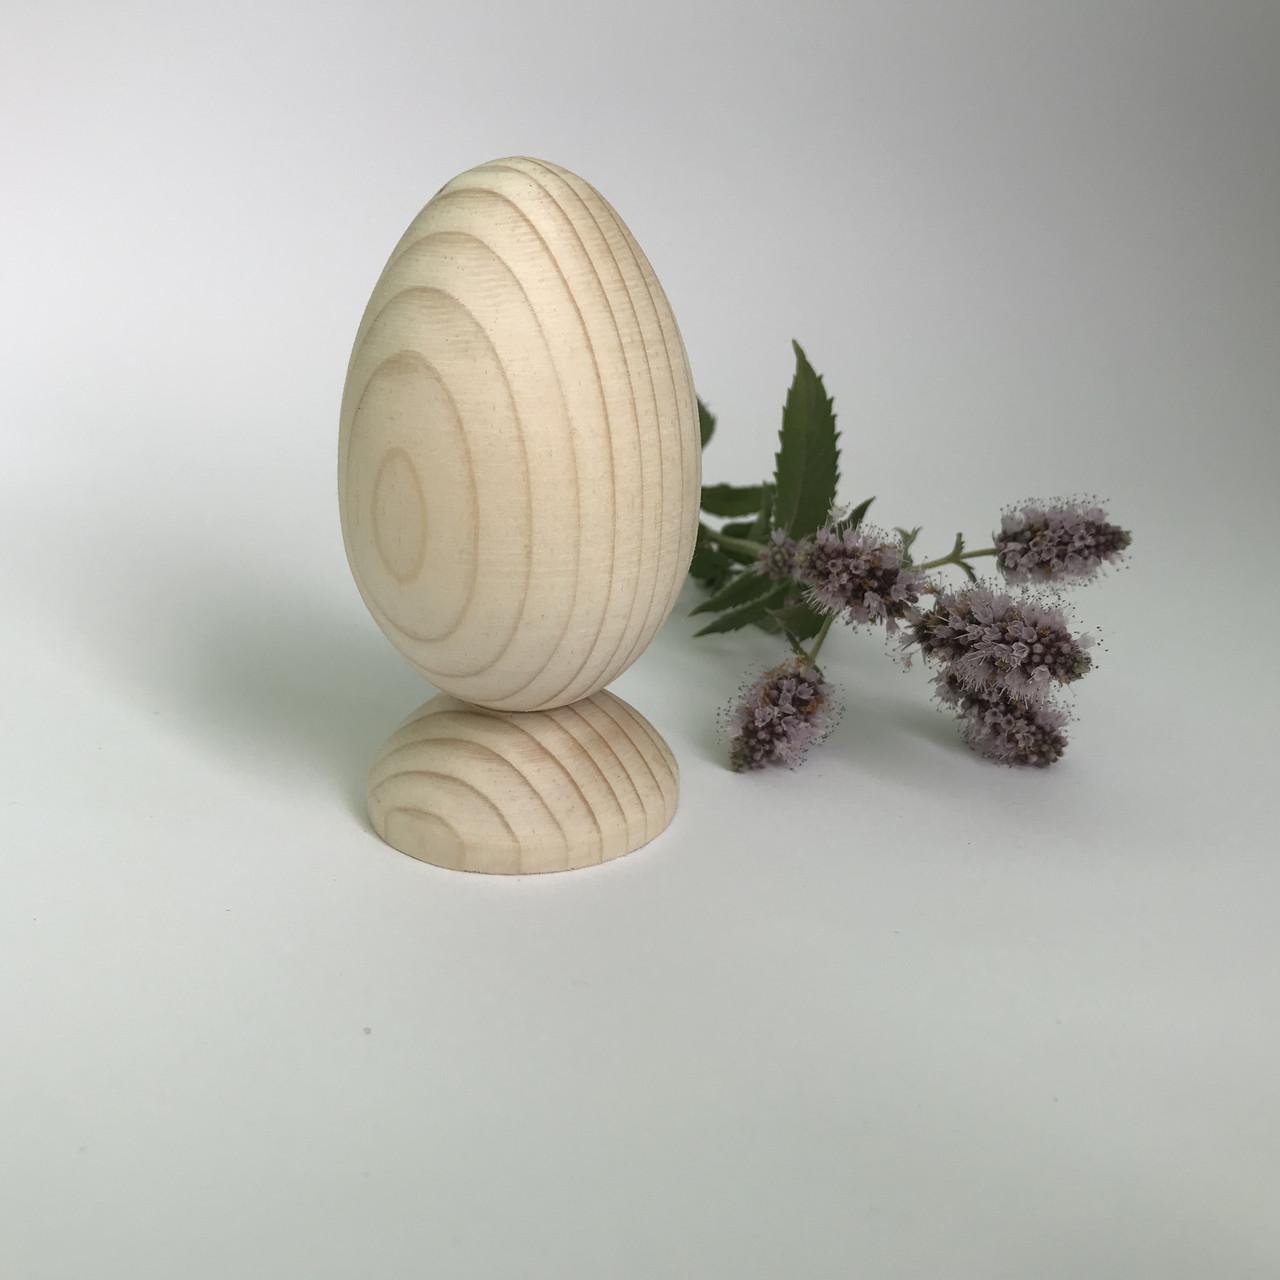 Яйце дерев'янне на ніжці 8.5*4.6